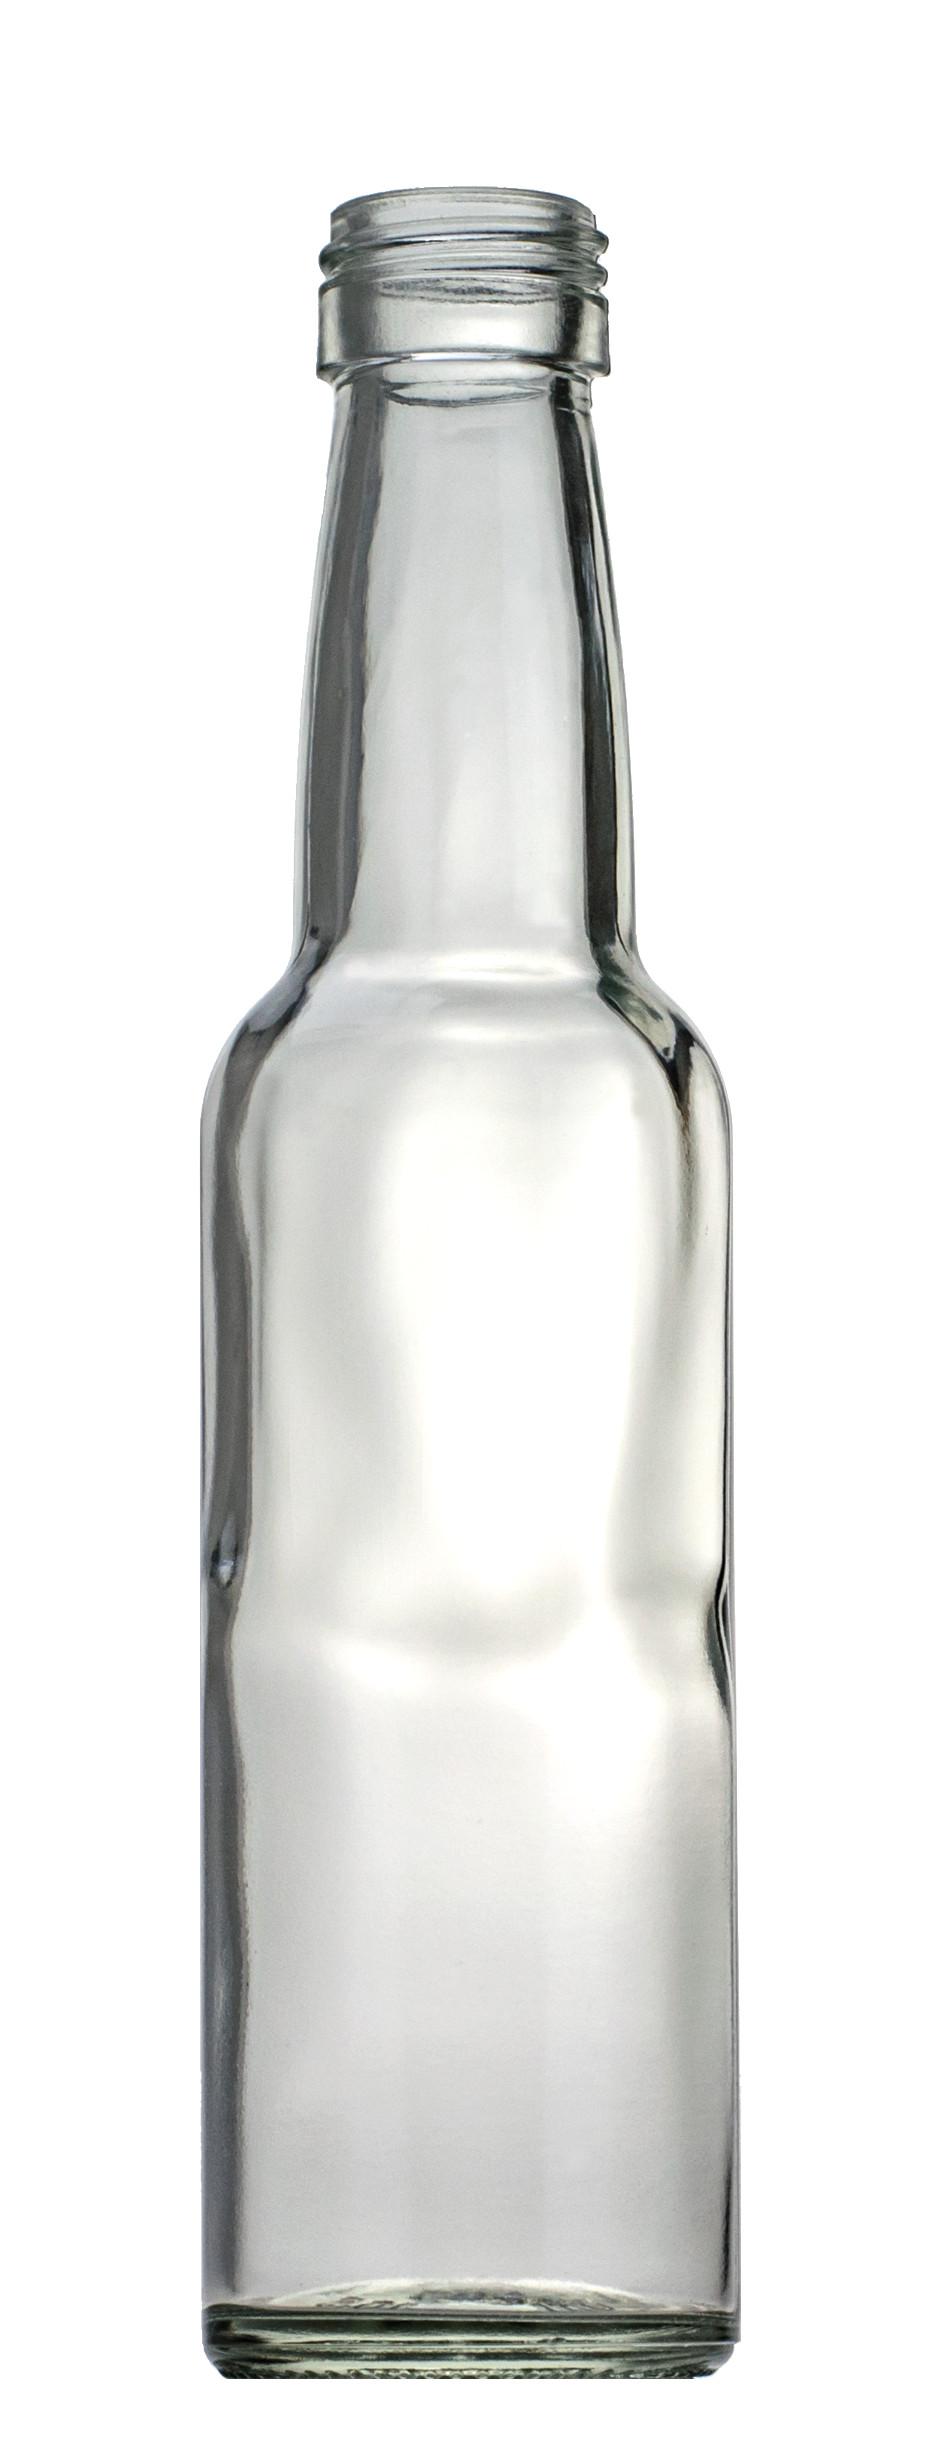 Gläser Und Flaschen Weinflaschen Reis Flaschengroßhandel Gmbh